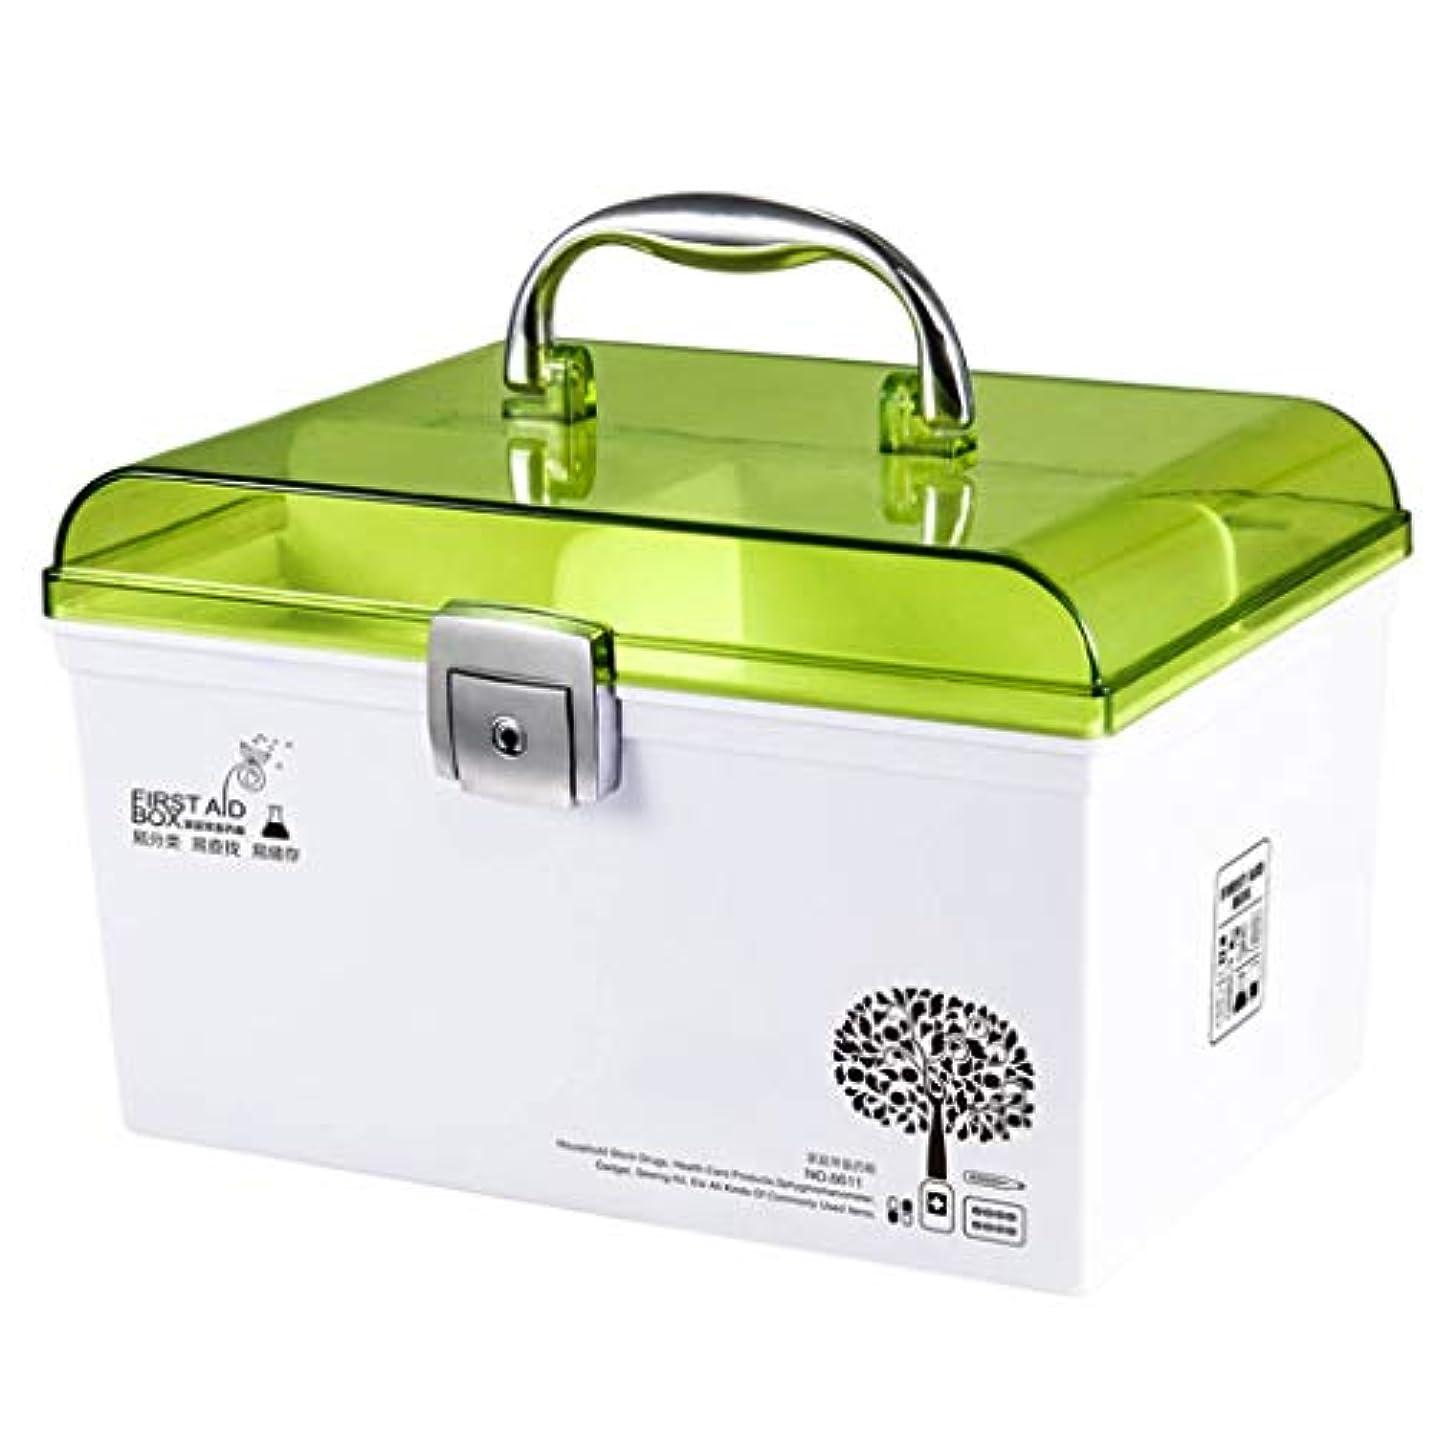 学校死本会議CQ 薬箱透明プラスチック家庭用漫画ポータブル薬収納ボックス (Color : Green)